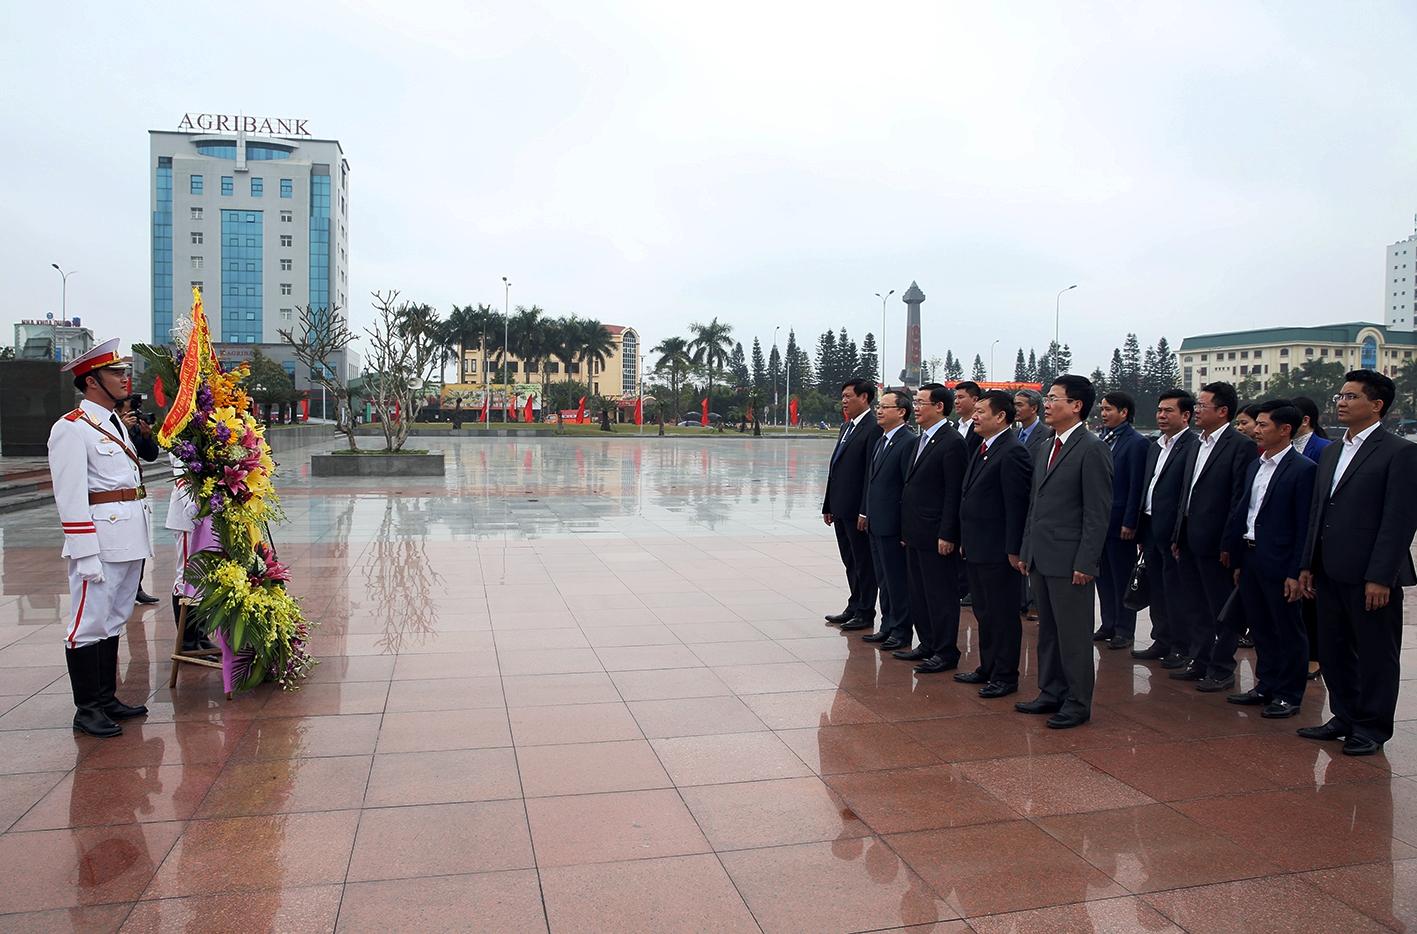 Phó Thủ tướng Vương Đình Huệ dâng hoa, tưởng nhớ Tổng Bí thư Nguyễn Văn Linh